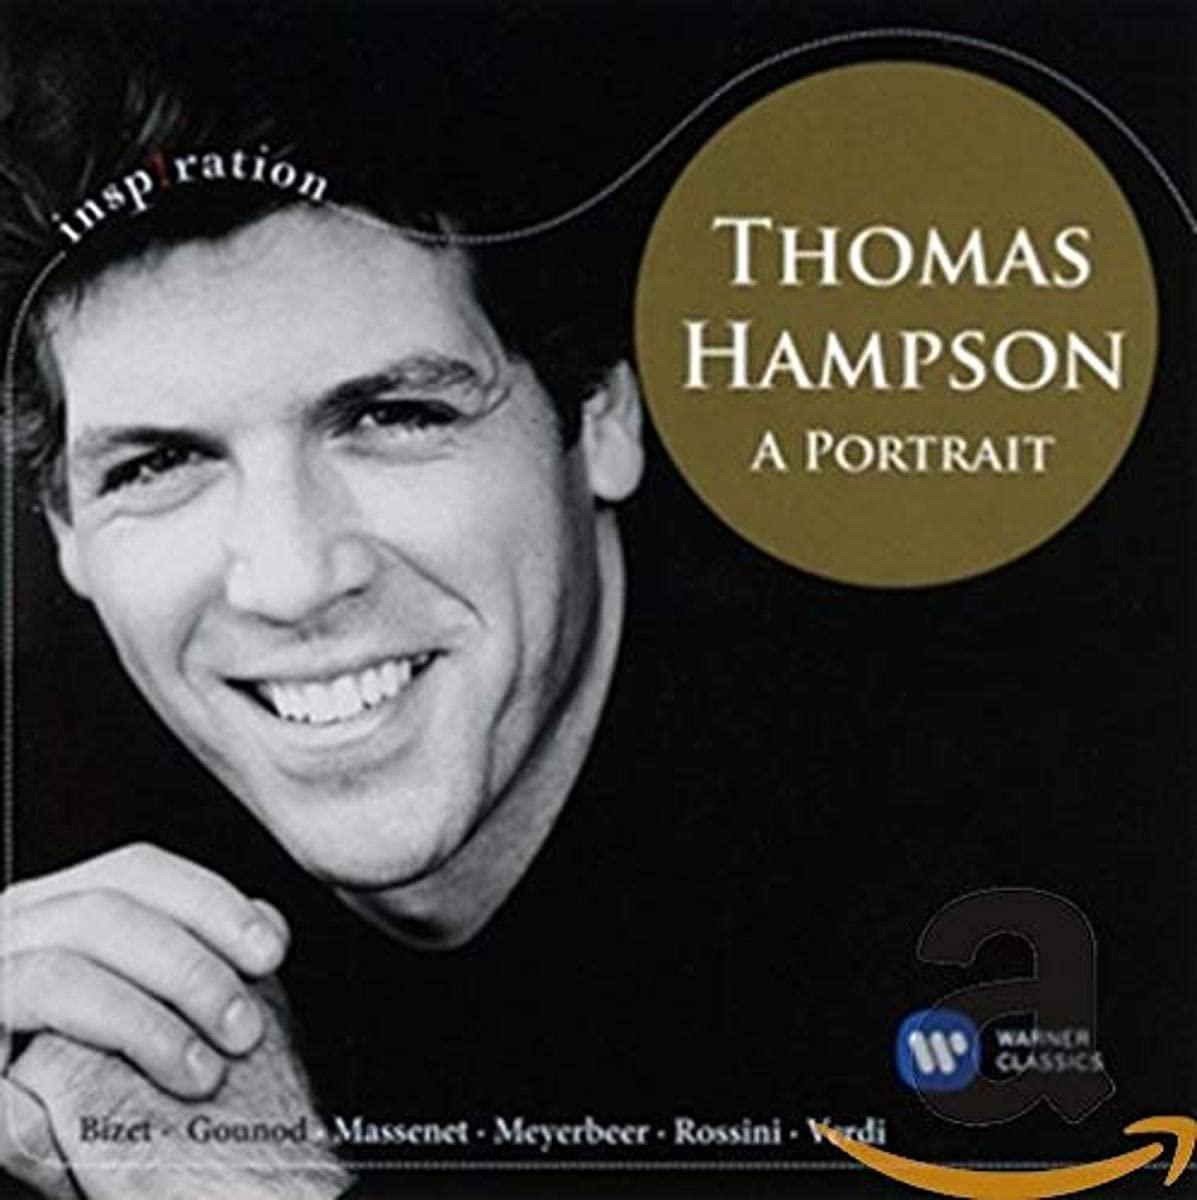 THOMAS HAMPSON - A PORTRAIT (CD)